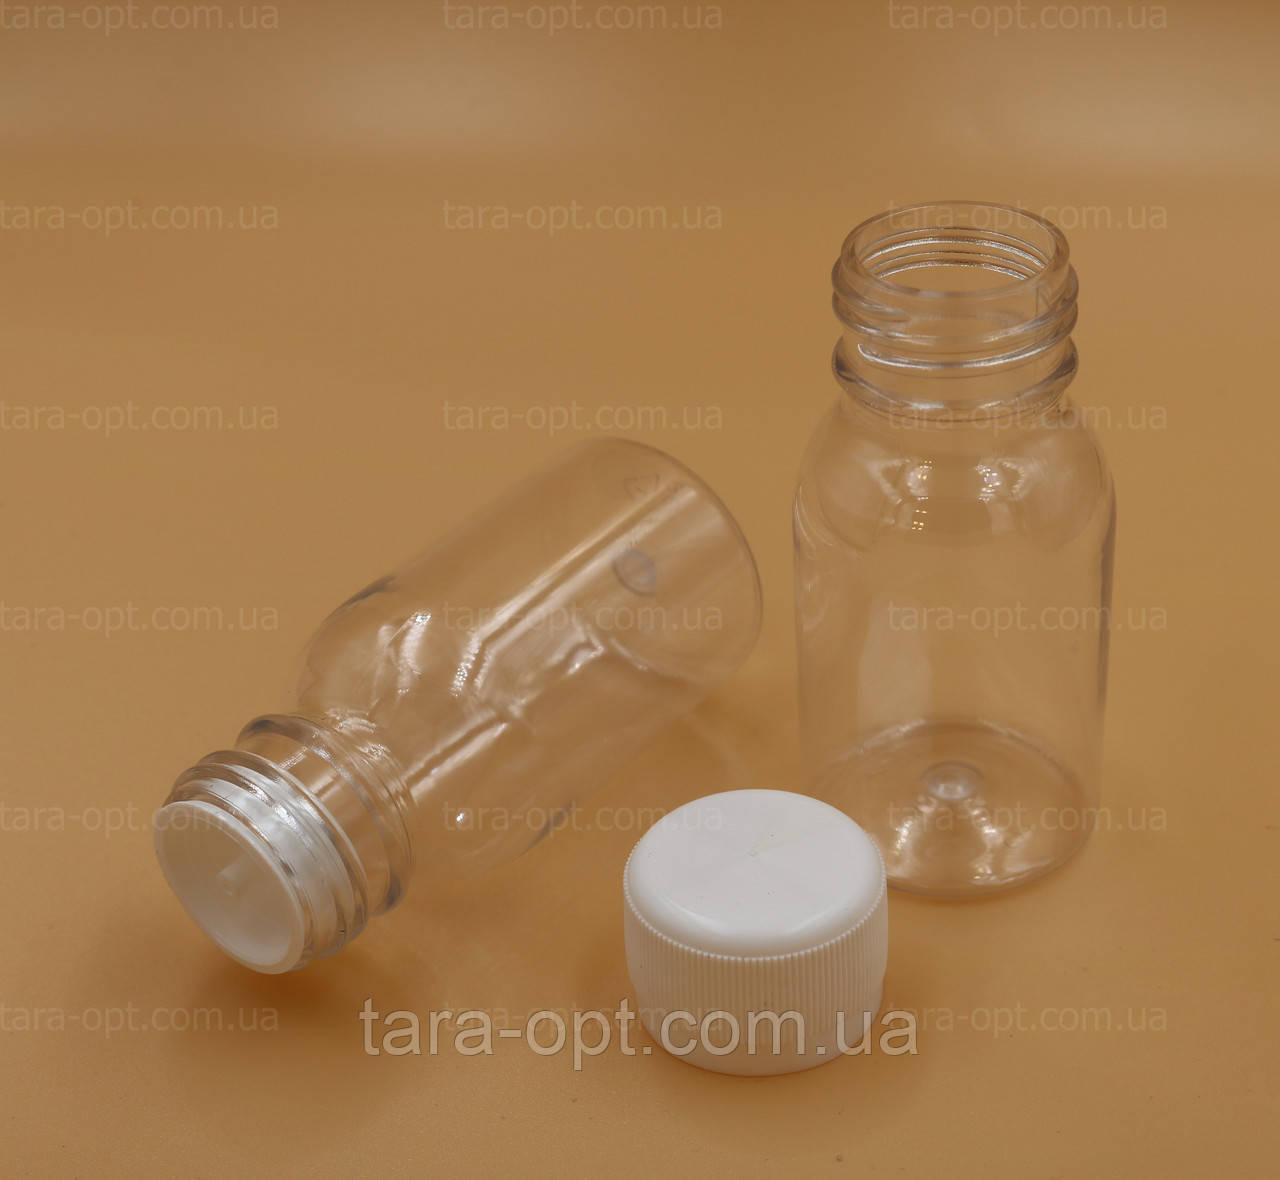 Пляшка пет з крапельницею 50 мл